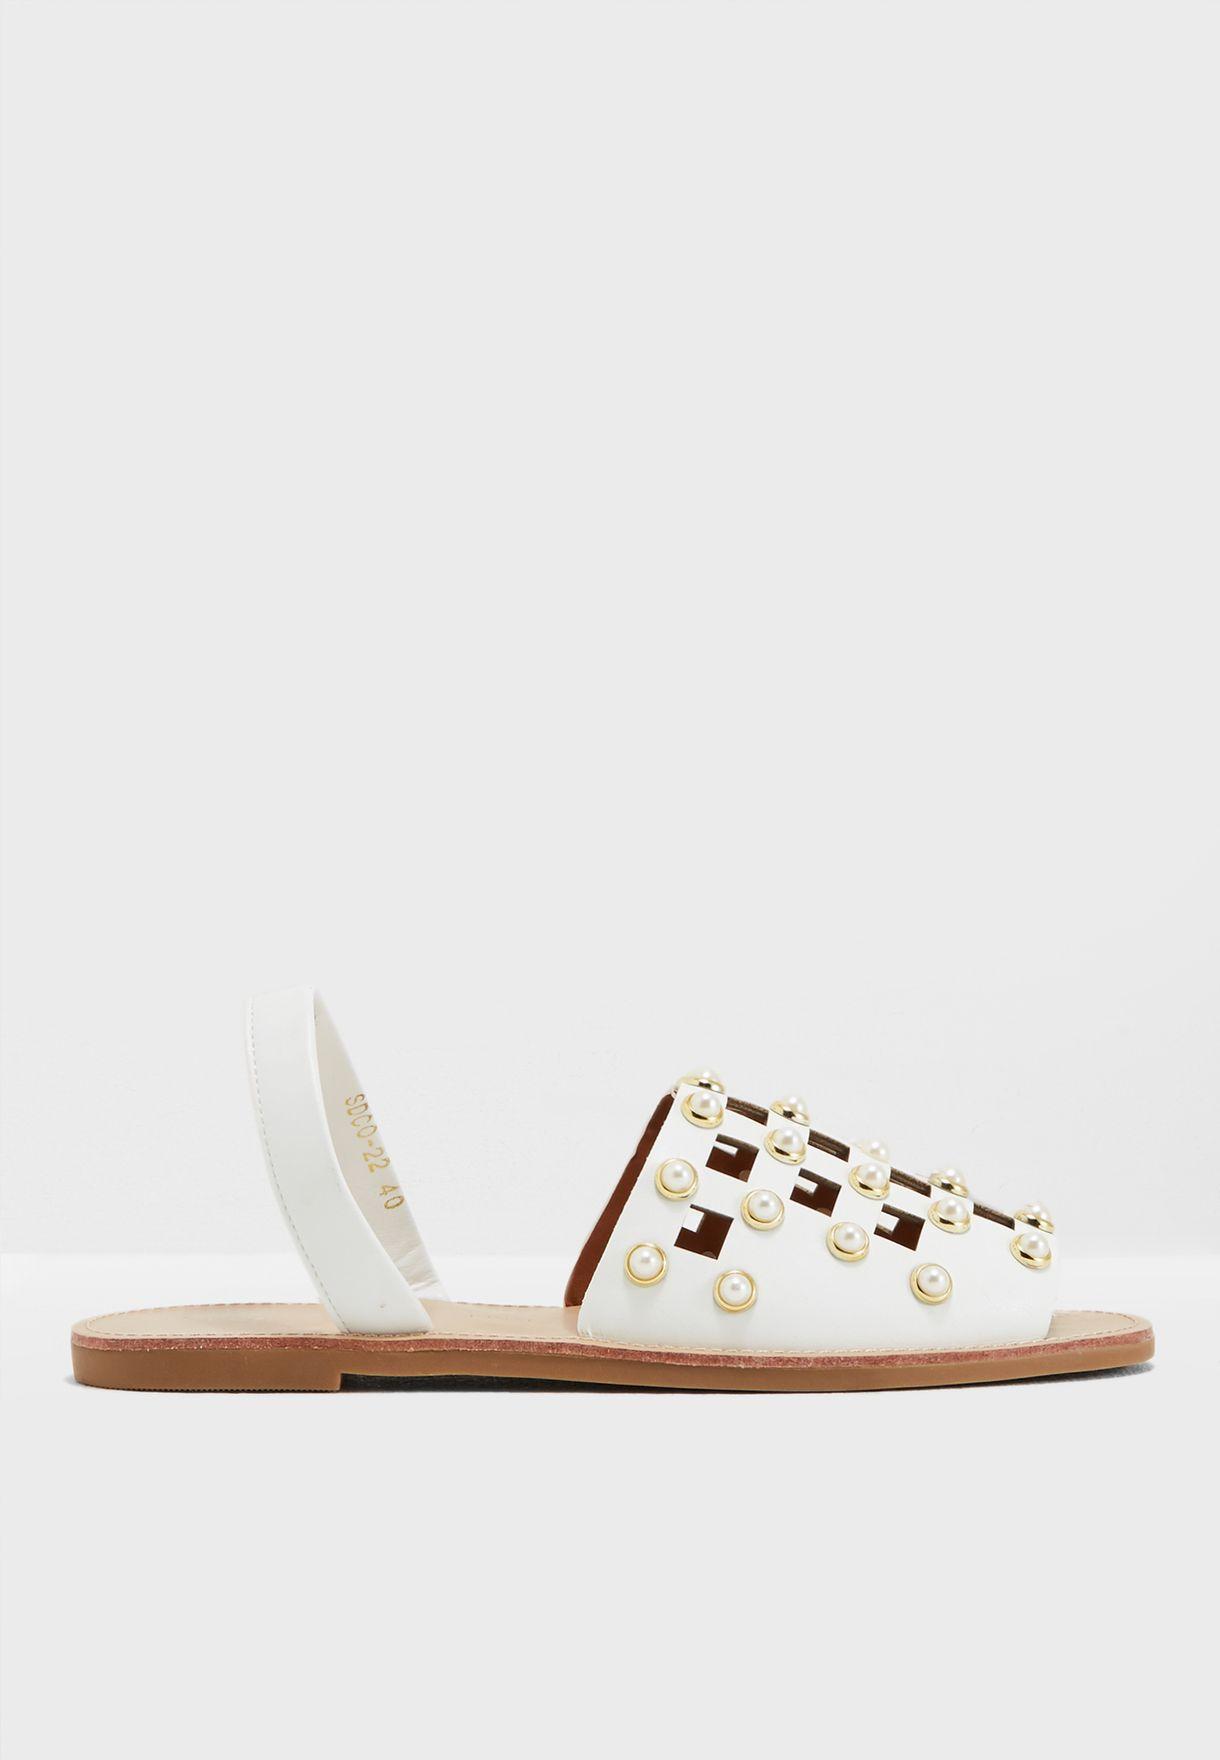 Aemilie sandal